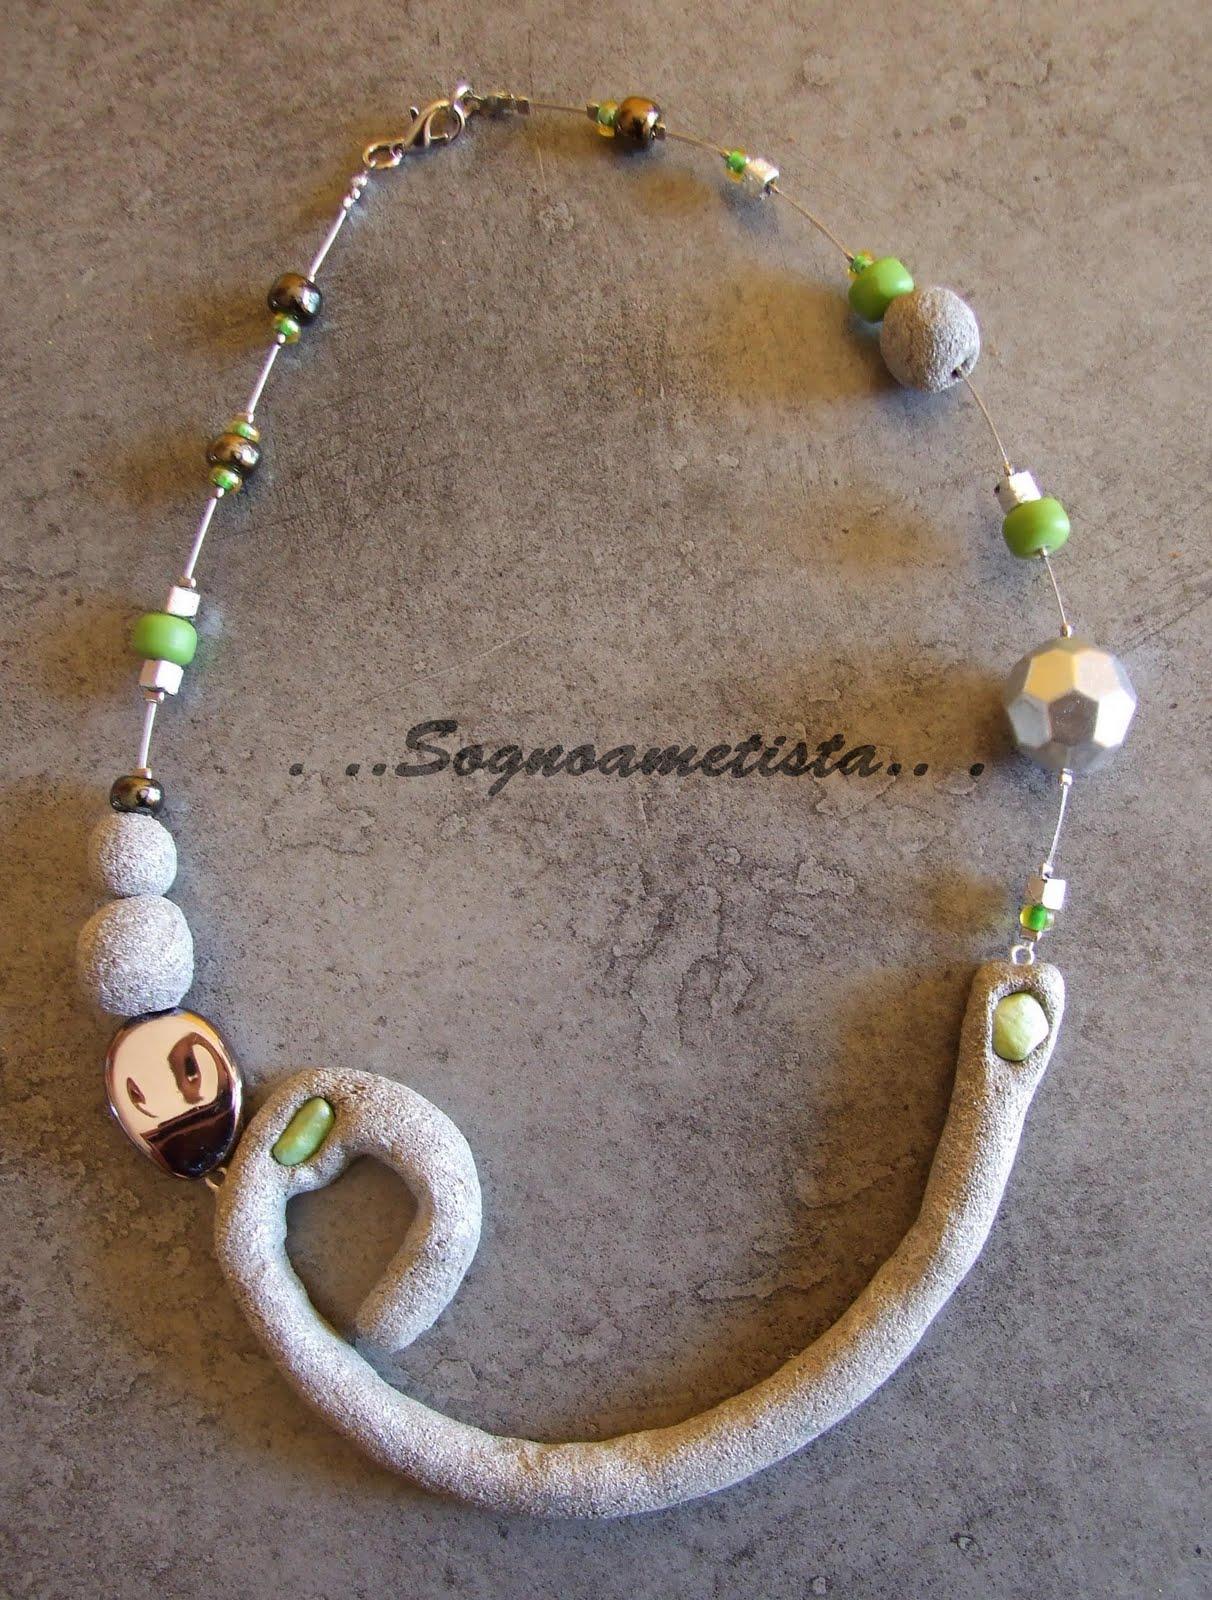 Sognoametista gioielli di cartapesta preziosi ed unici for Design di gioielli